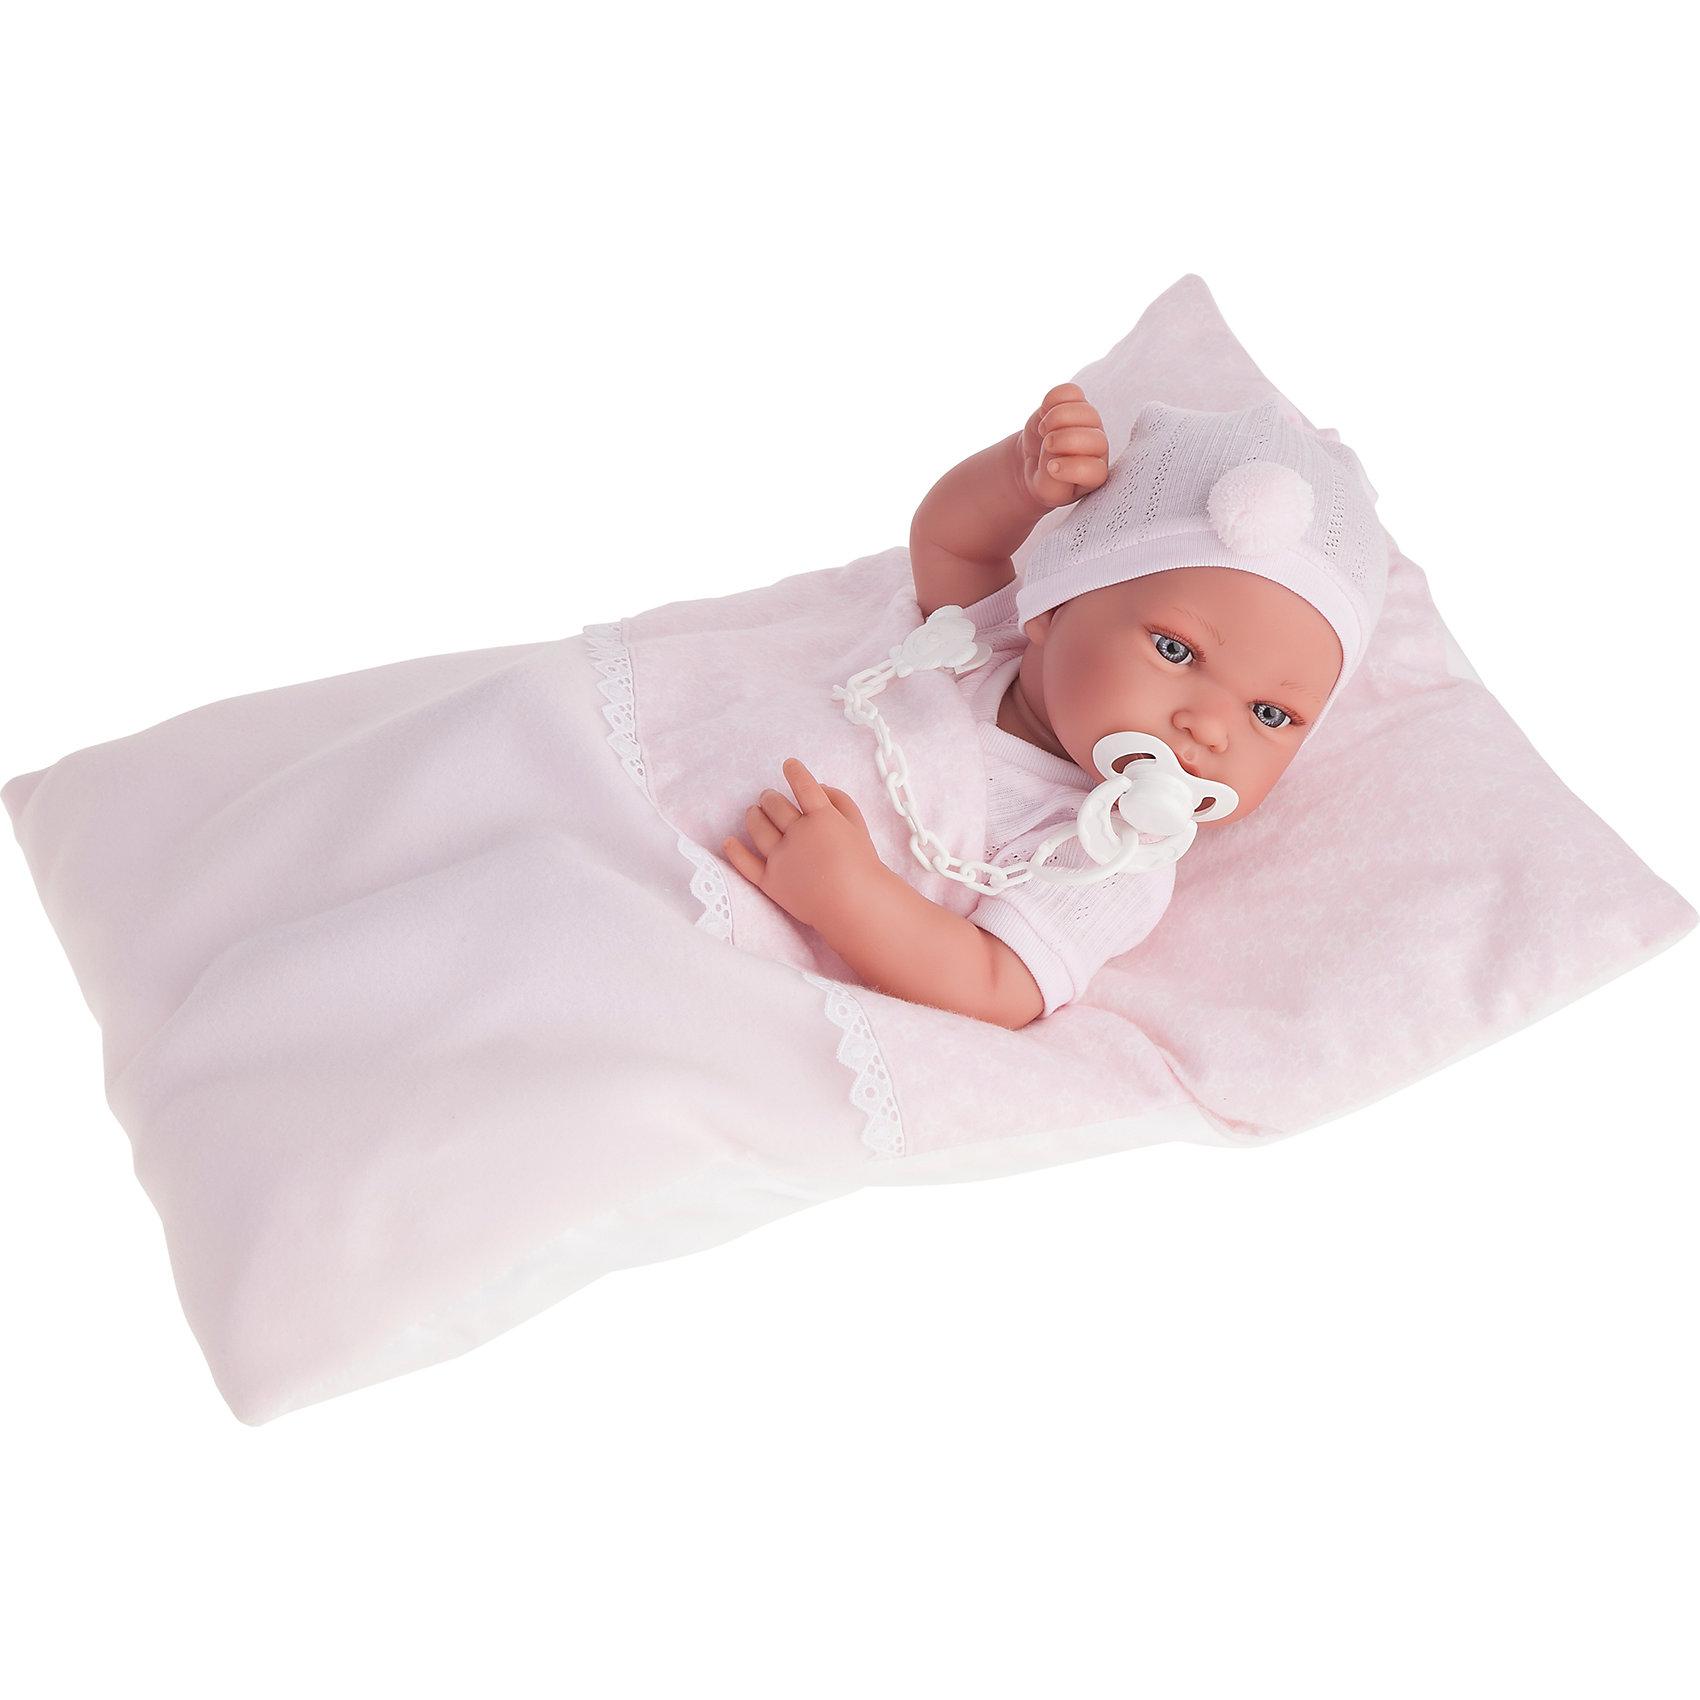 Munecas Antonio Juan Кукла-младенец Пипа в розовом, 42 см, Munecas Antonio Juan munecas antonio juan кукла эвита в розовом 38 см munecas antonio juan